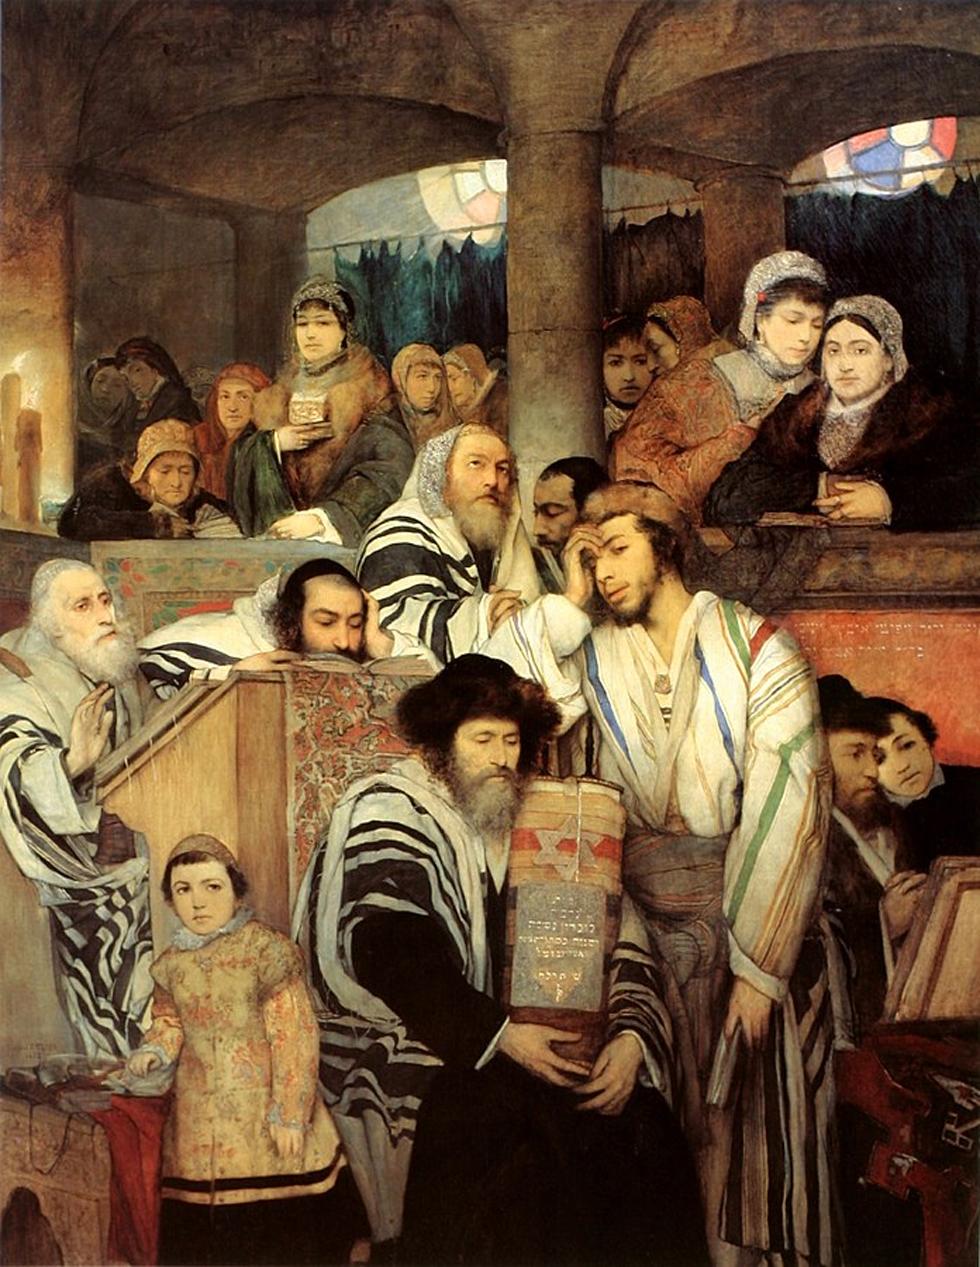 """""""יהודים מתפללים בבית כנסת"""". יצירתו של גוטליב (""""יום כיפור"""", אליהו אריק בוקובזה)"""